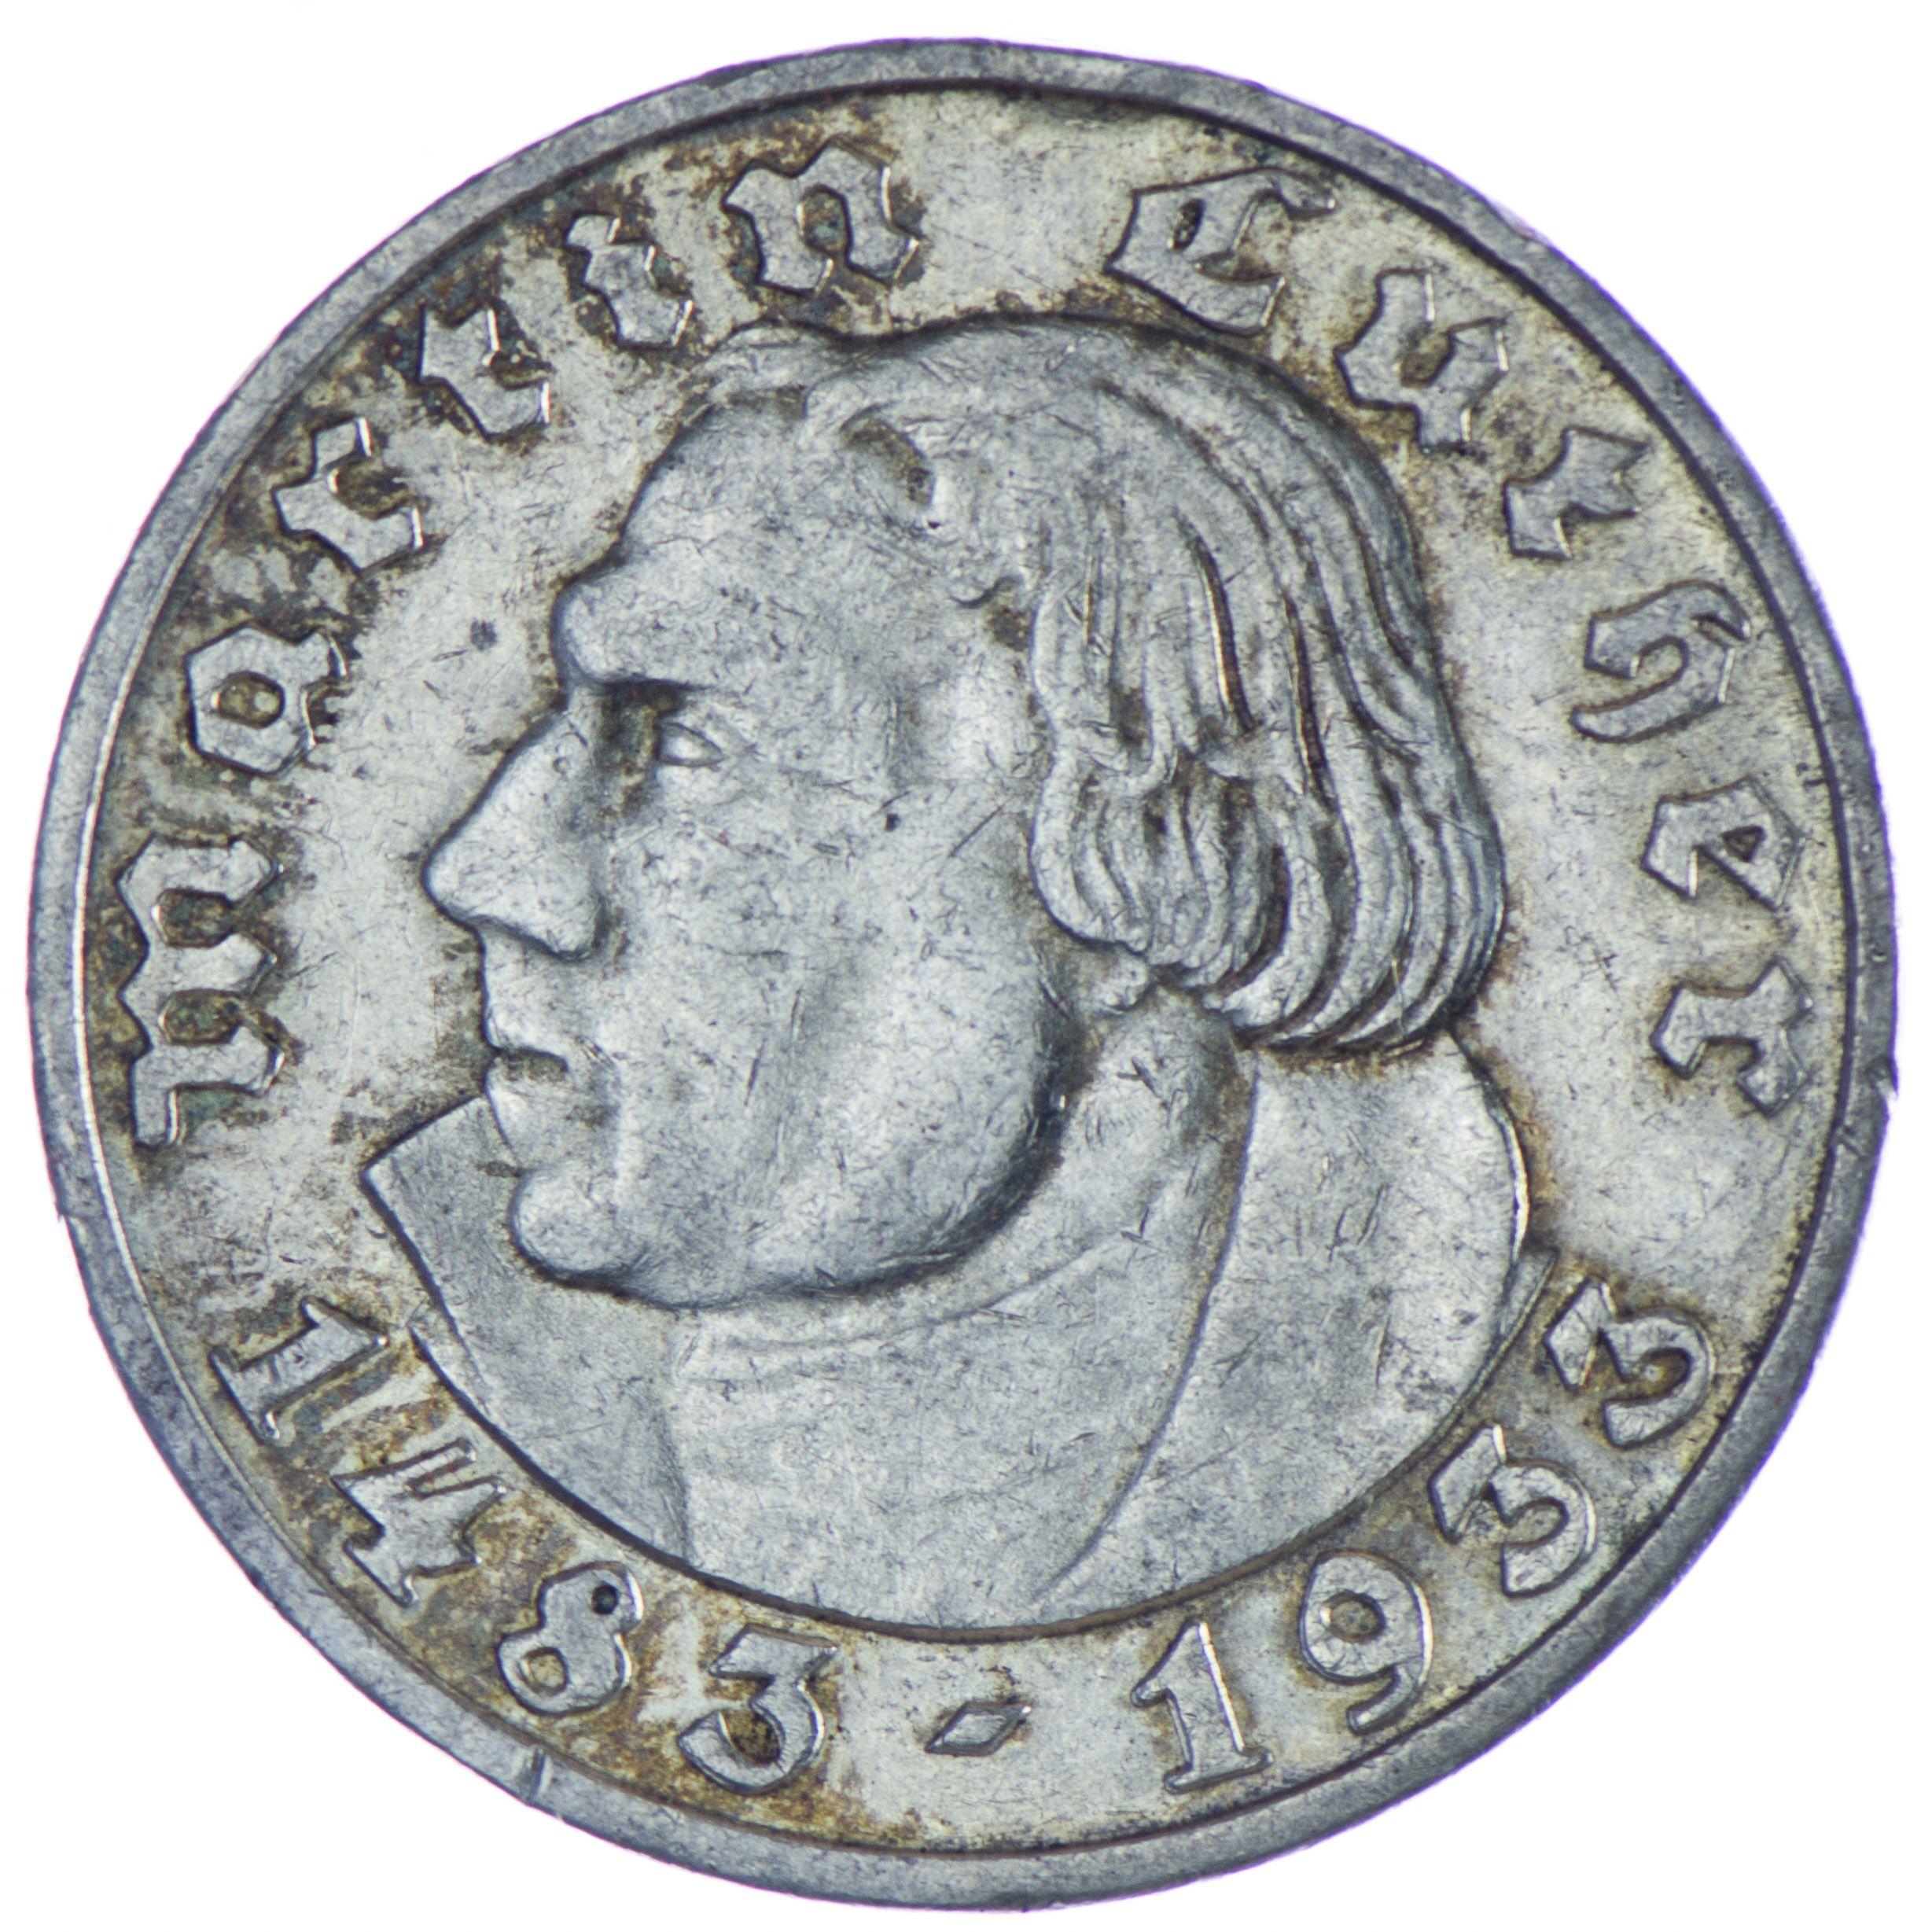 bcca0e7ba9ac90905a387b19d0fffb0e Verwunderlich Reich Werden Mit Silber Dekorationen